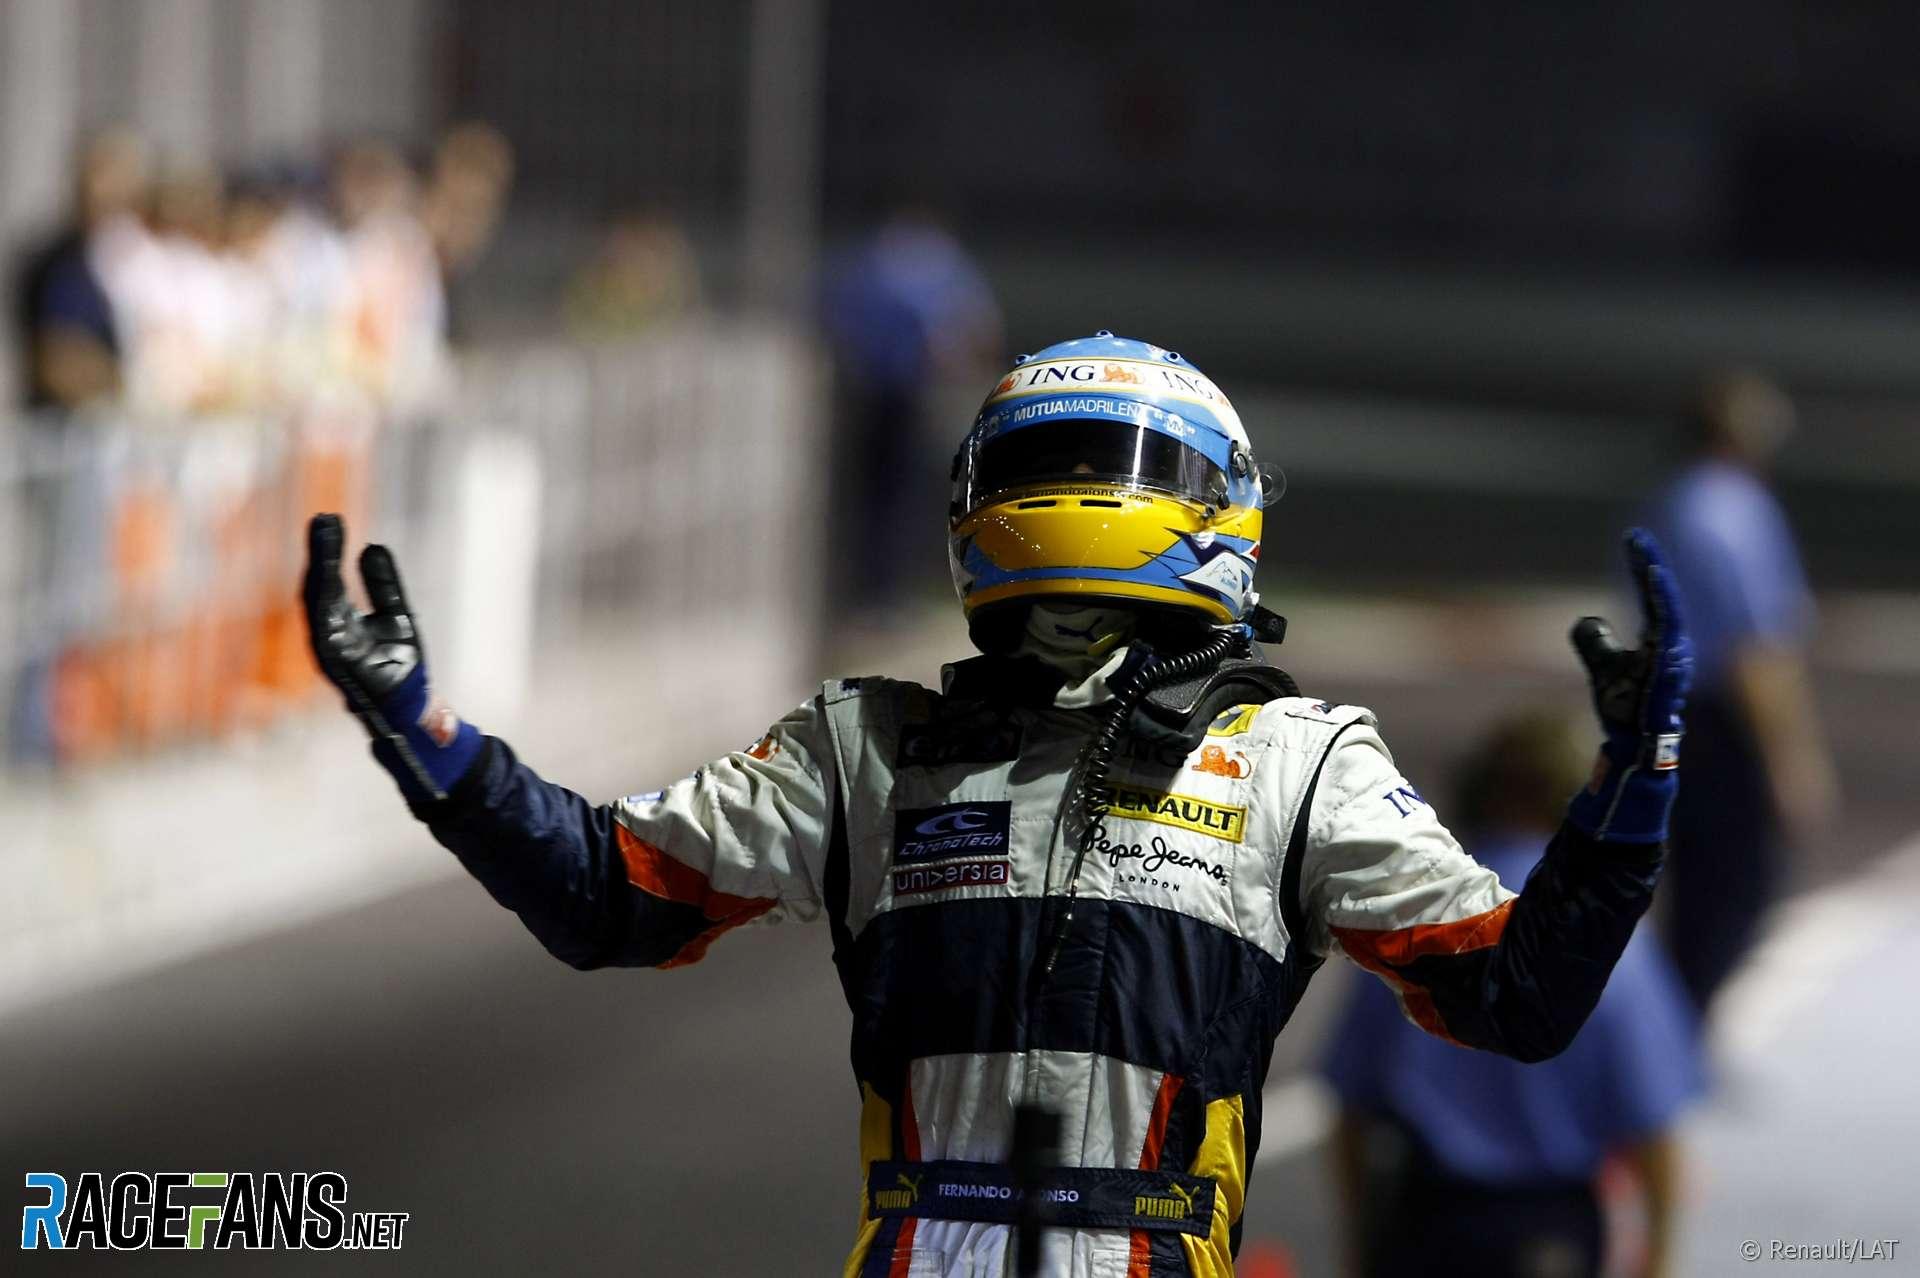 Fernando Alonso, Renault, Singapore, 2008